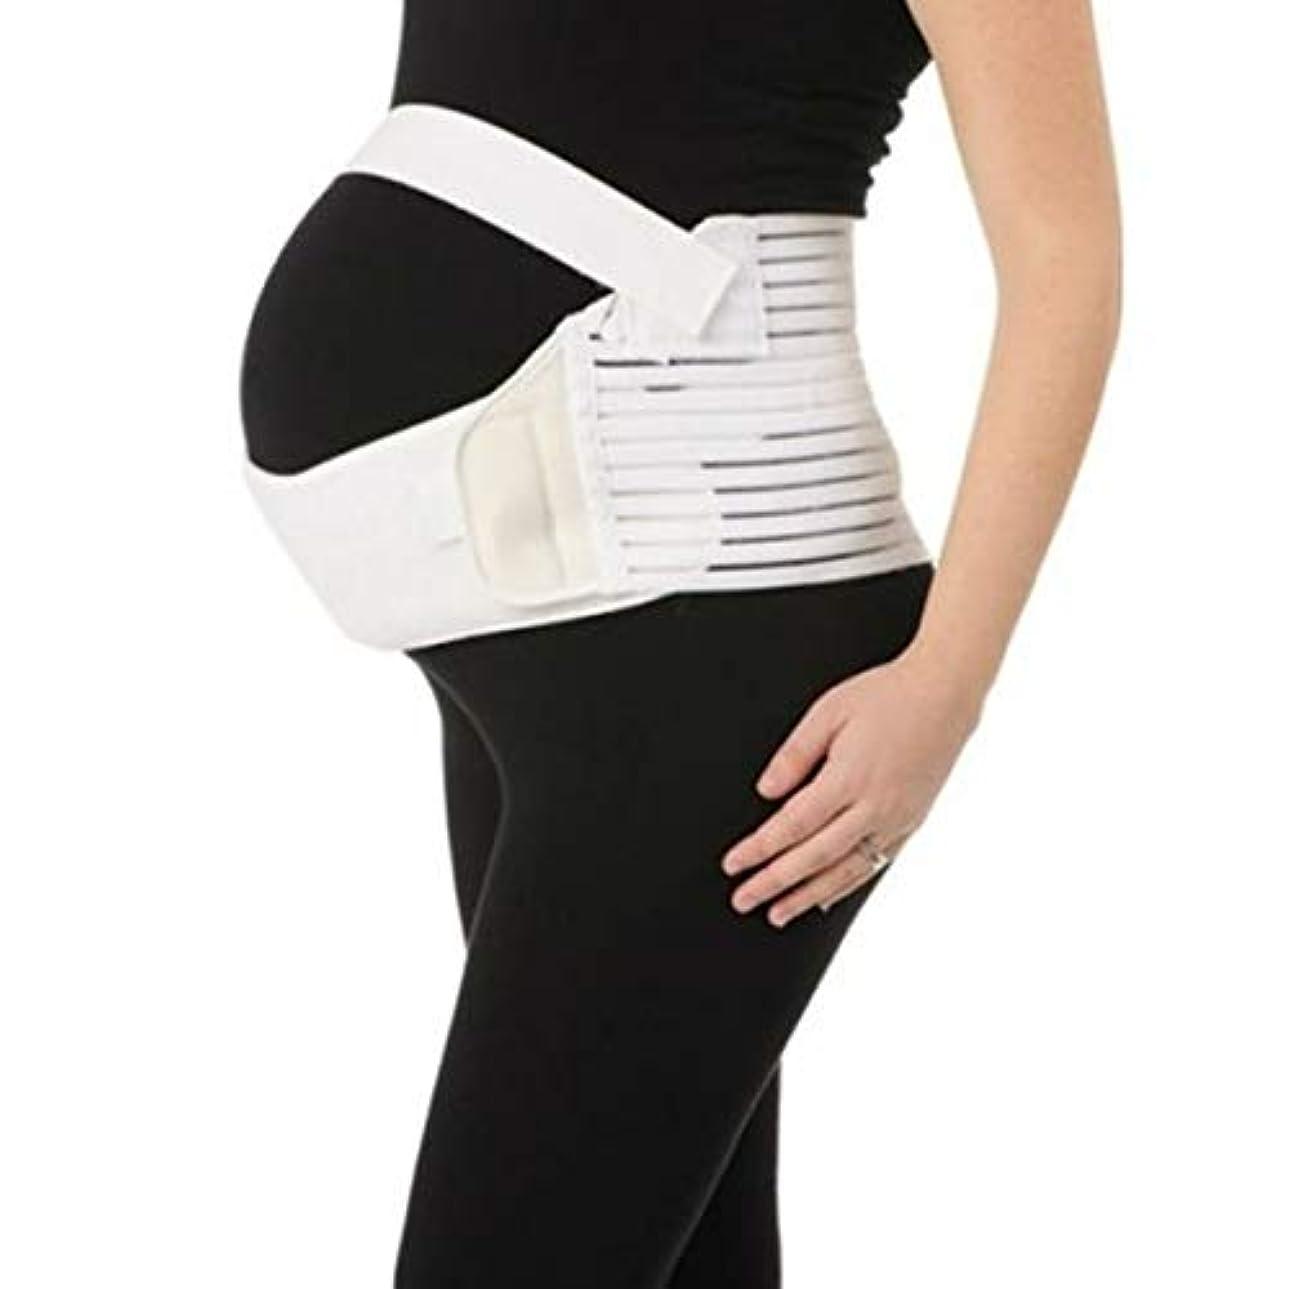 強制プレフィックス音節通気性マタニティベルト妊娠腹部サポート腹部バインダーガードル運動包帯産後の回復shapewear - ホワイトL